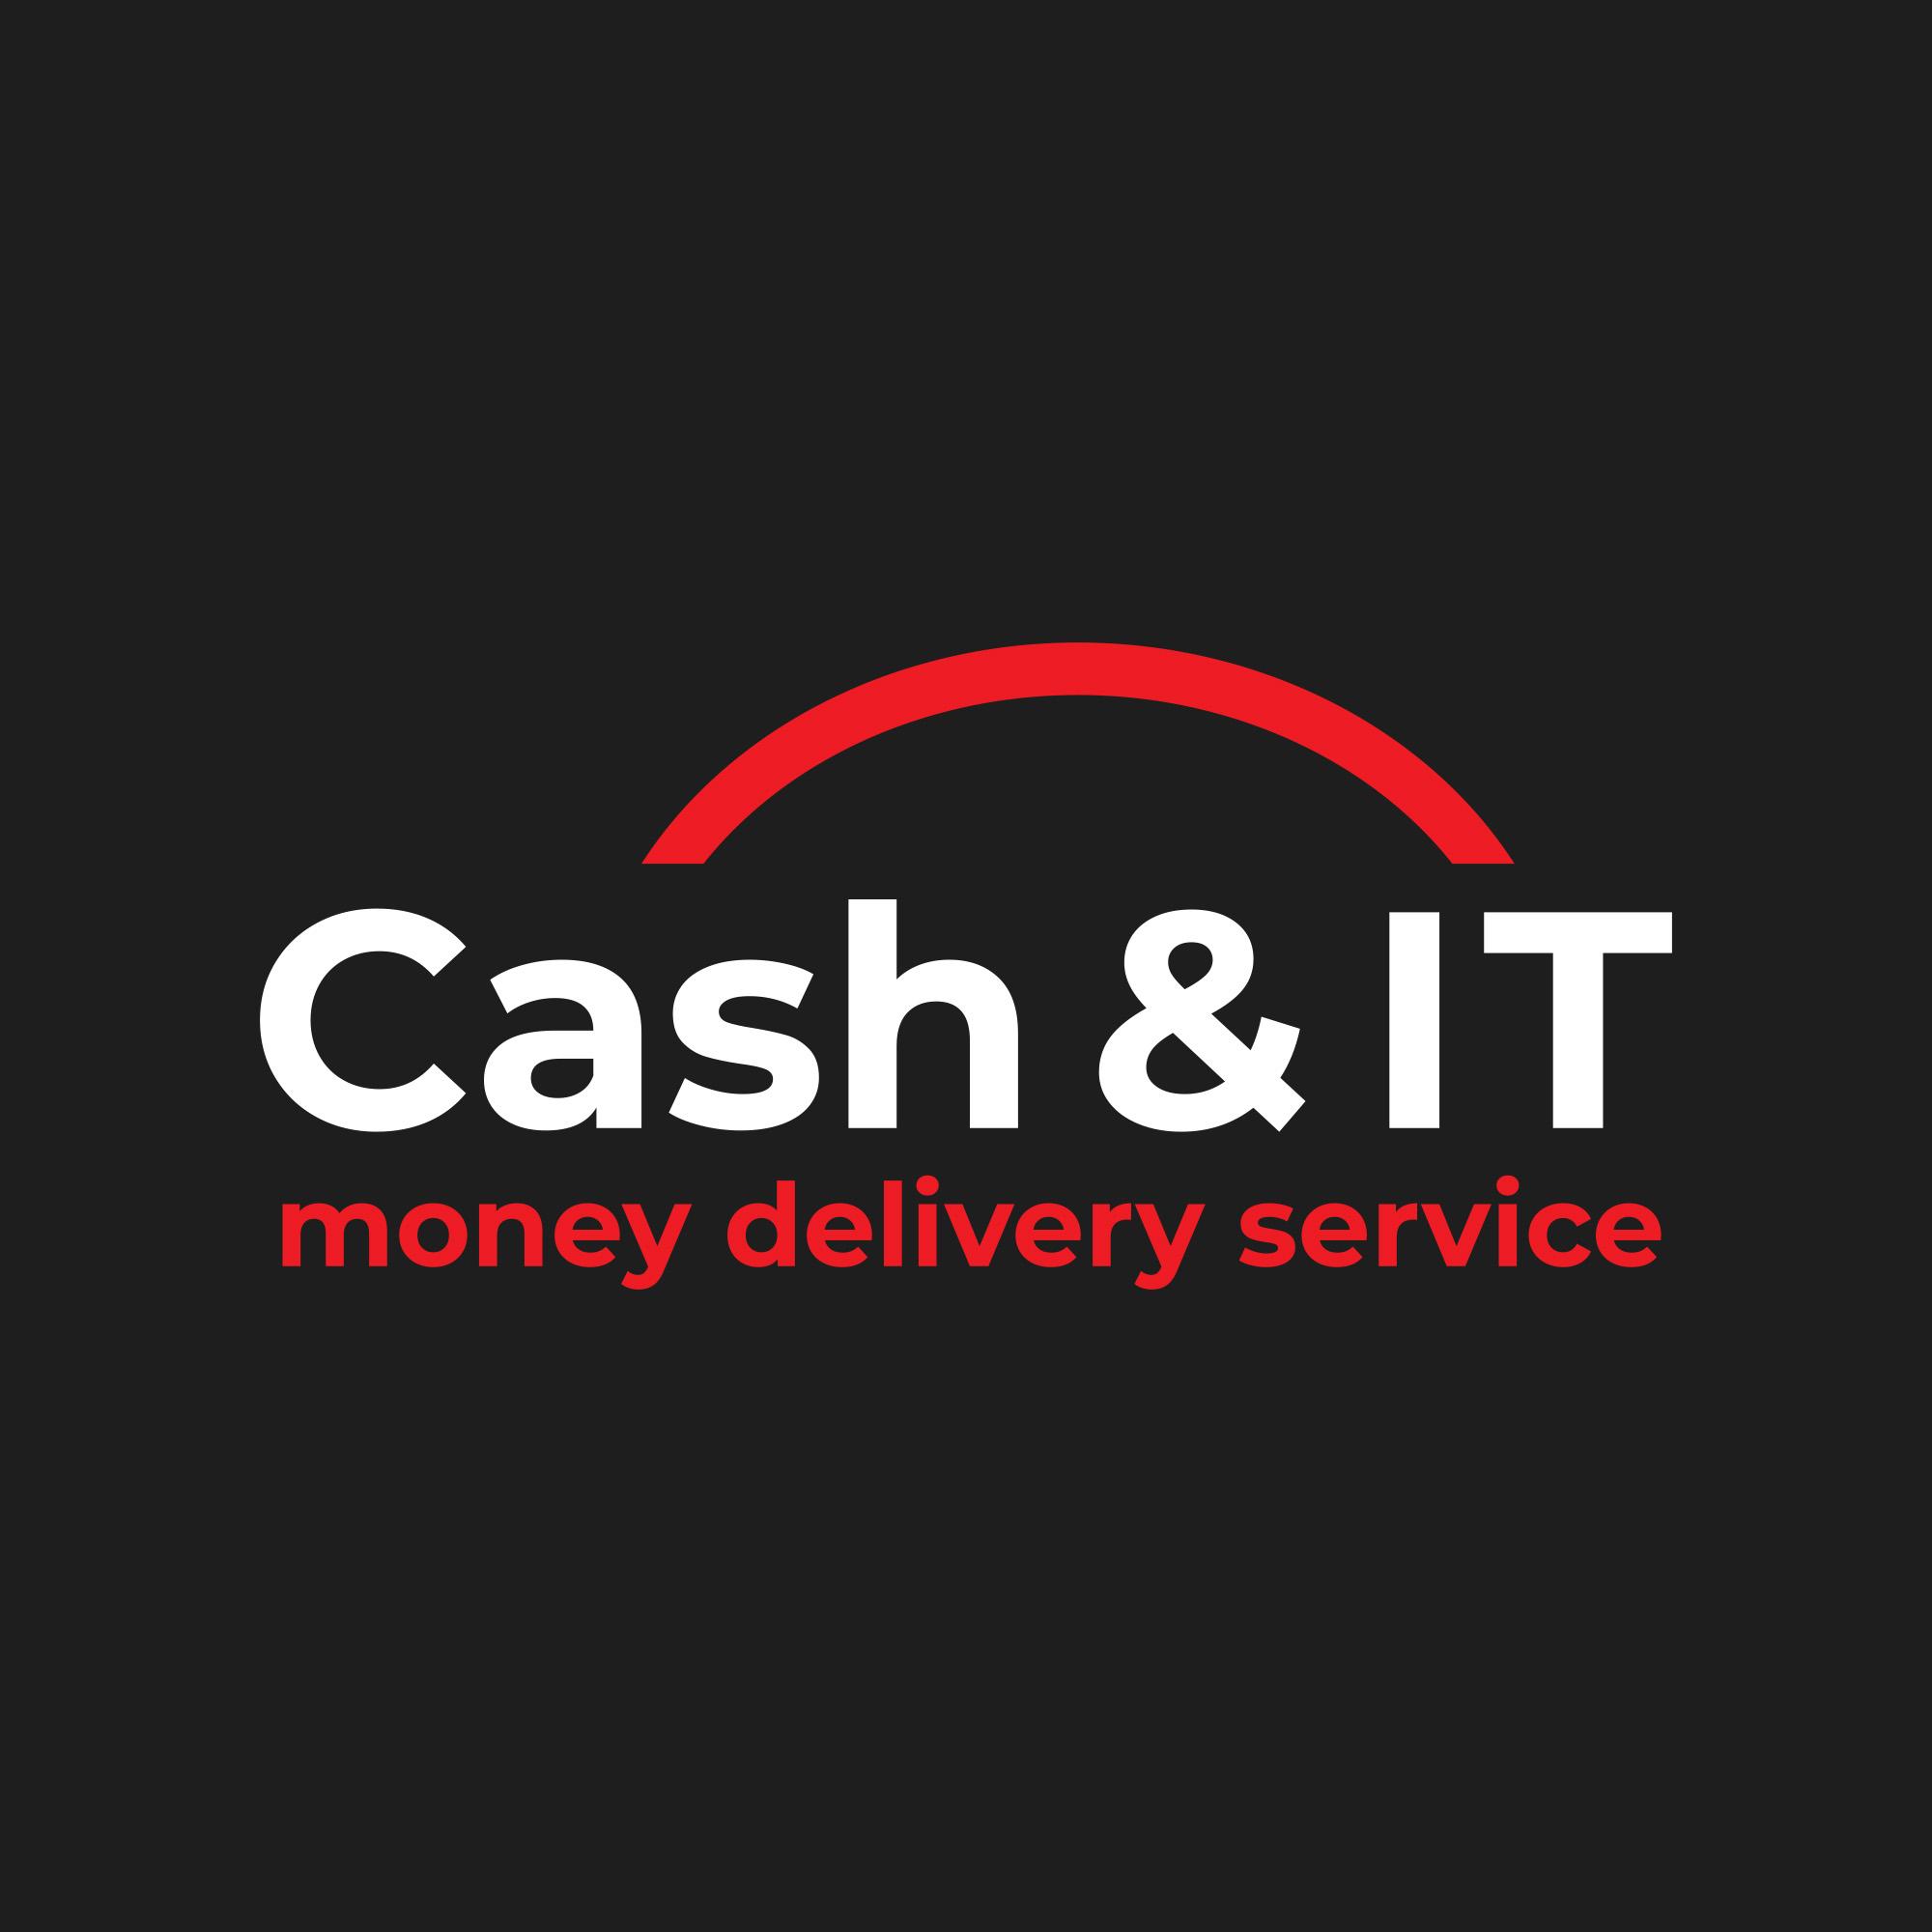 Логотип для Cash & IT - сервис доставки денег фото f_0595fe49486aac1a.jpg